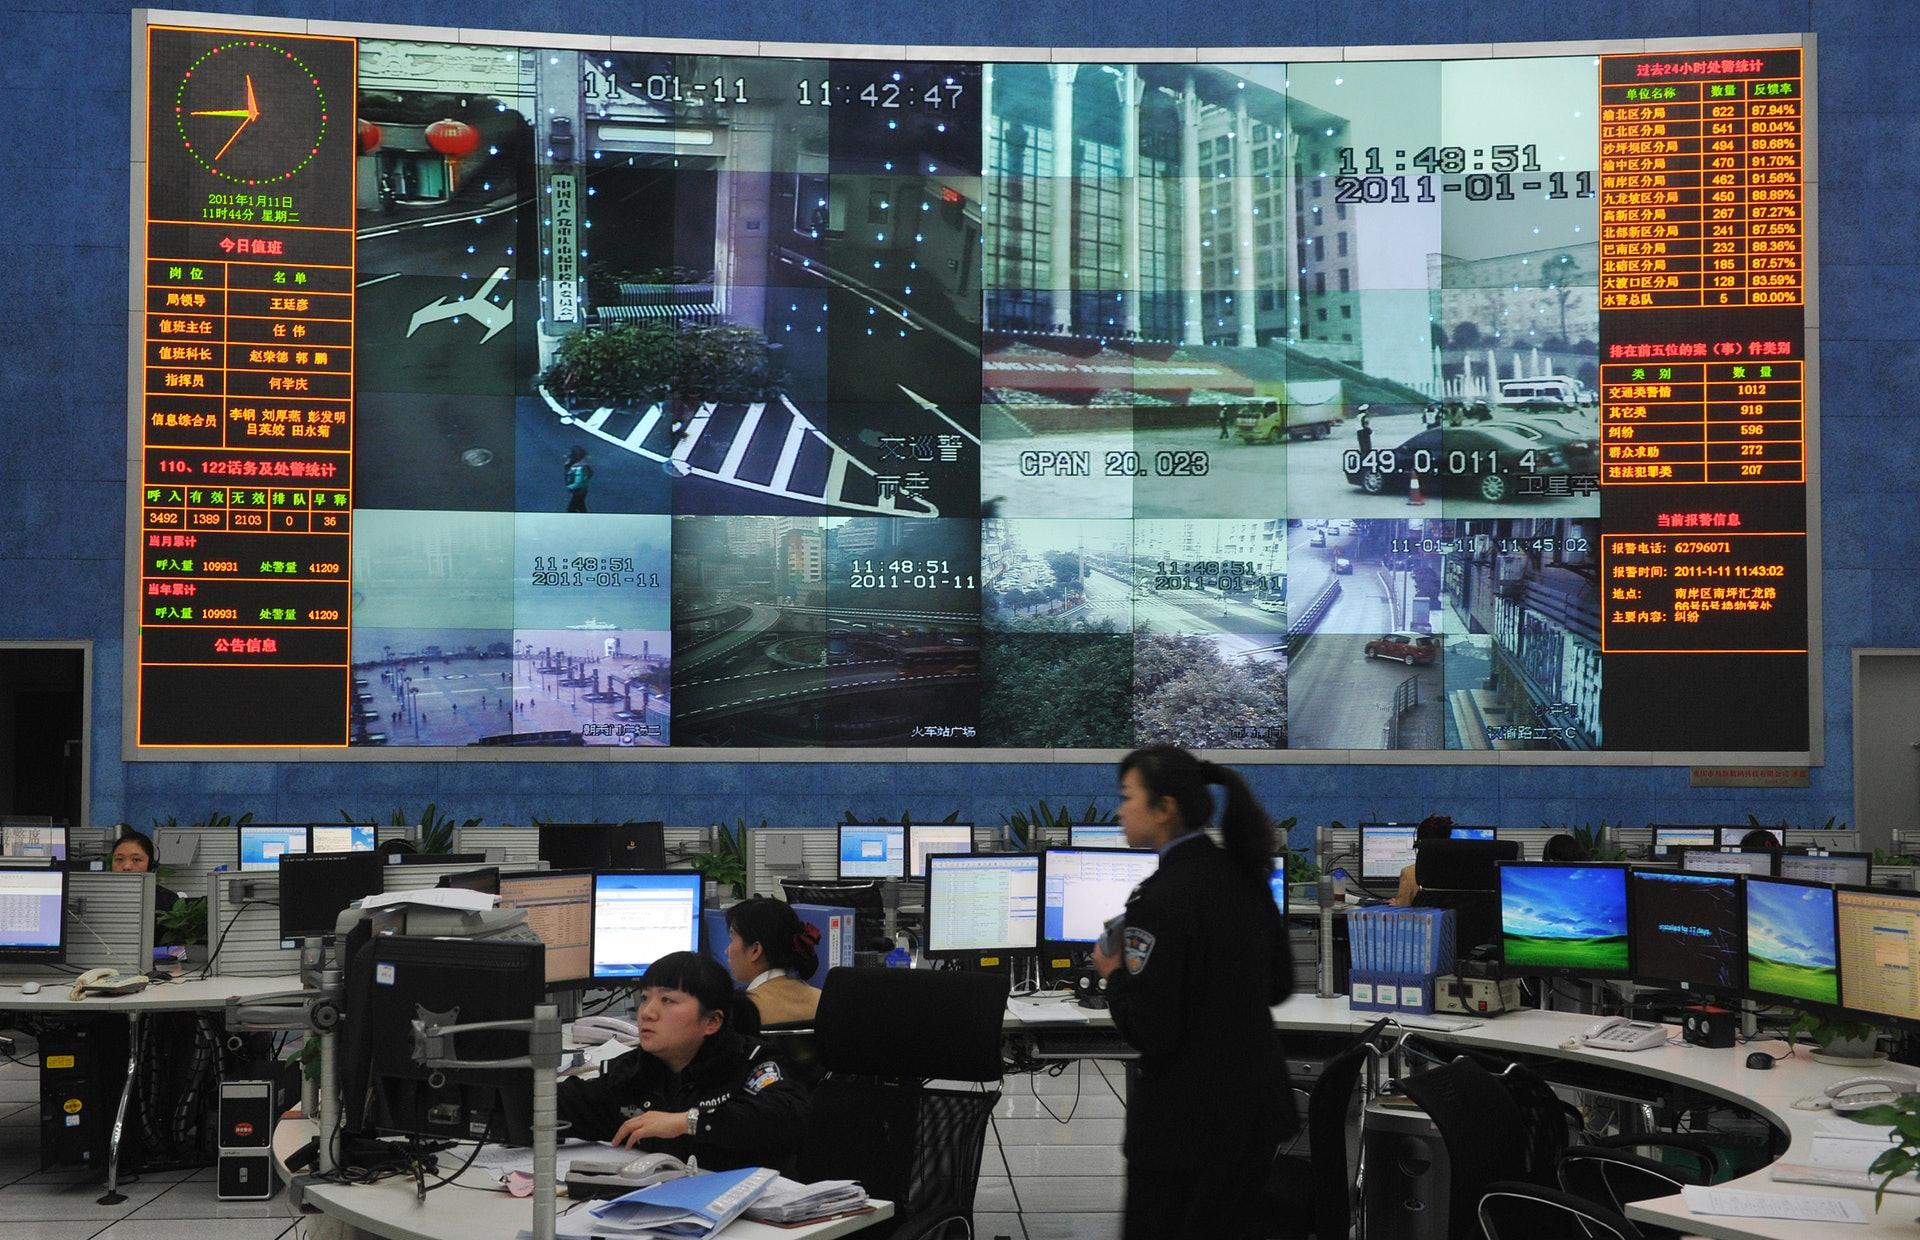 HK01 | 【監控大國】中國包攬十大城市頭五位